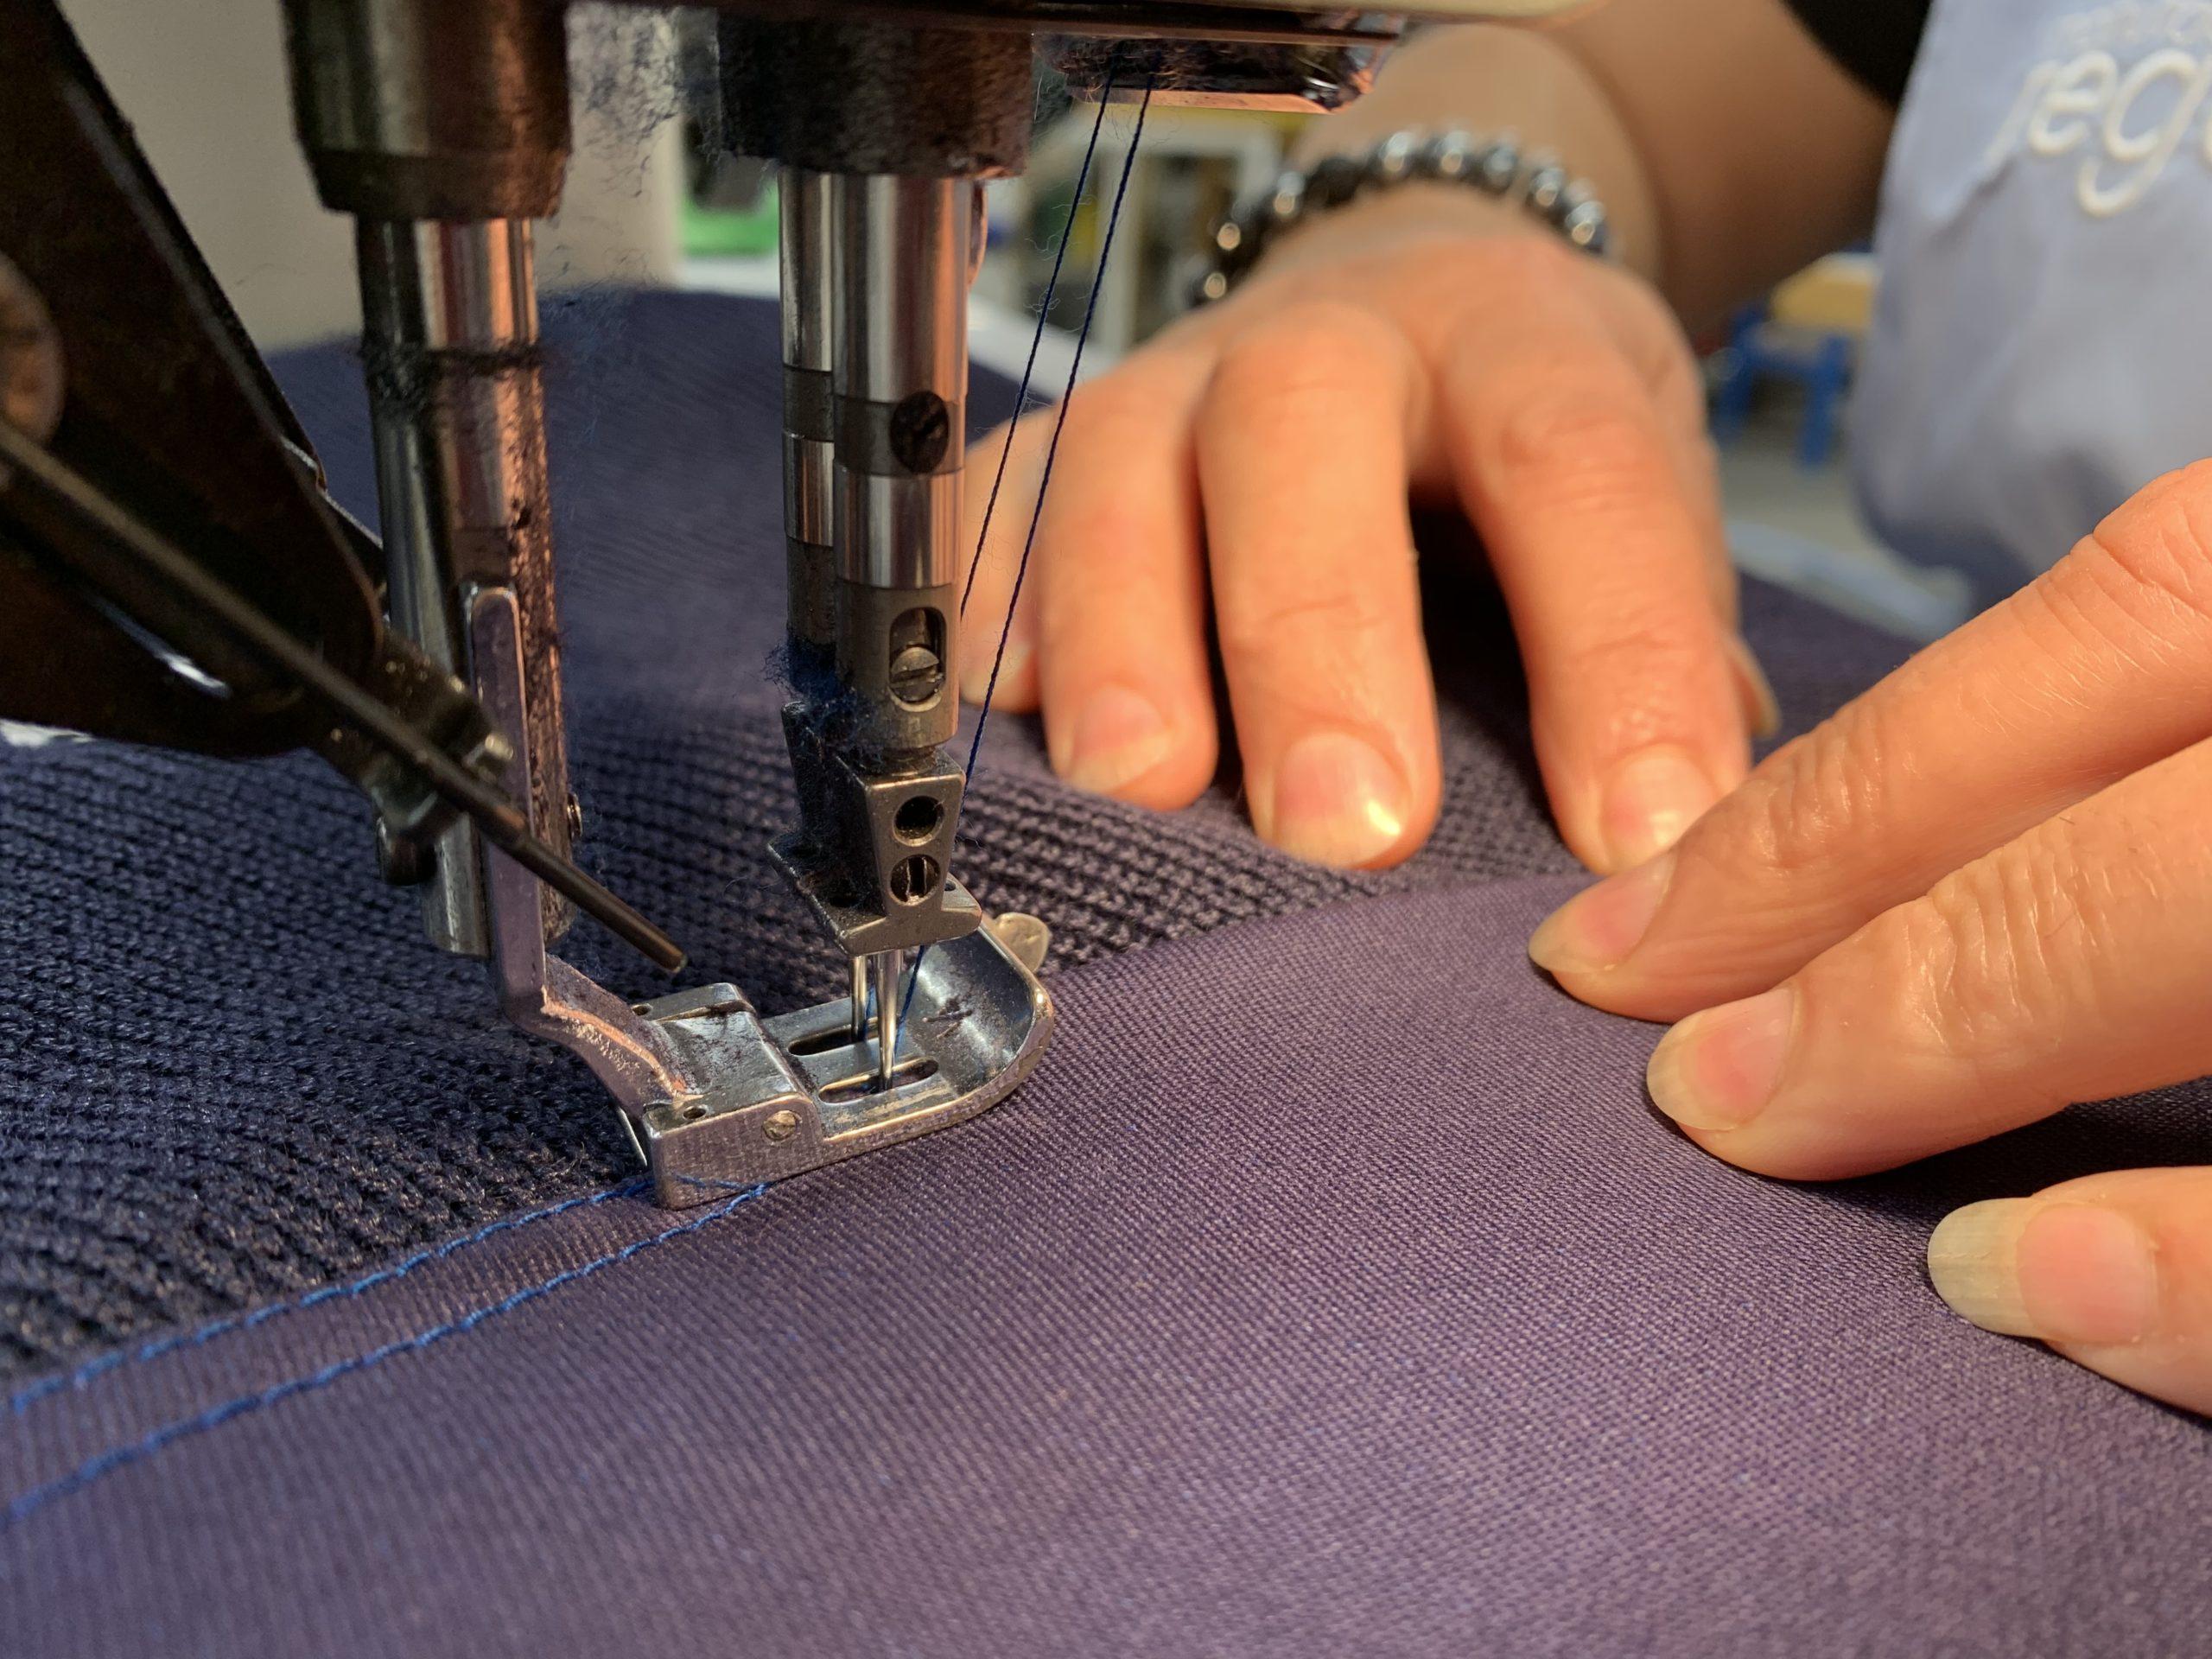 trouver une entreprise reconnue dans le tricotage et la confection de pulls et vêtements EPI